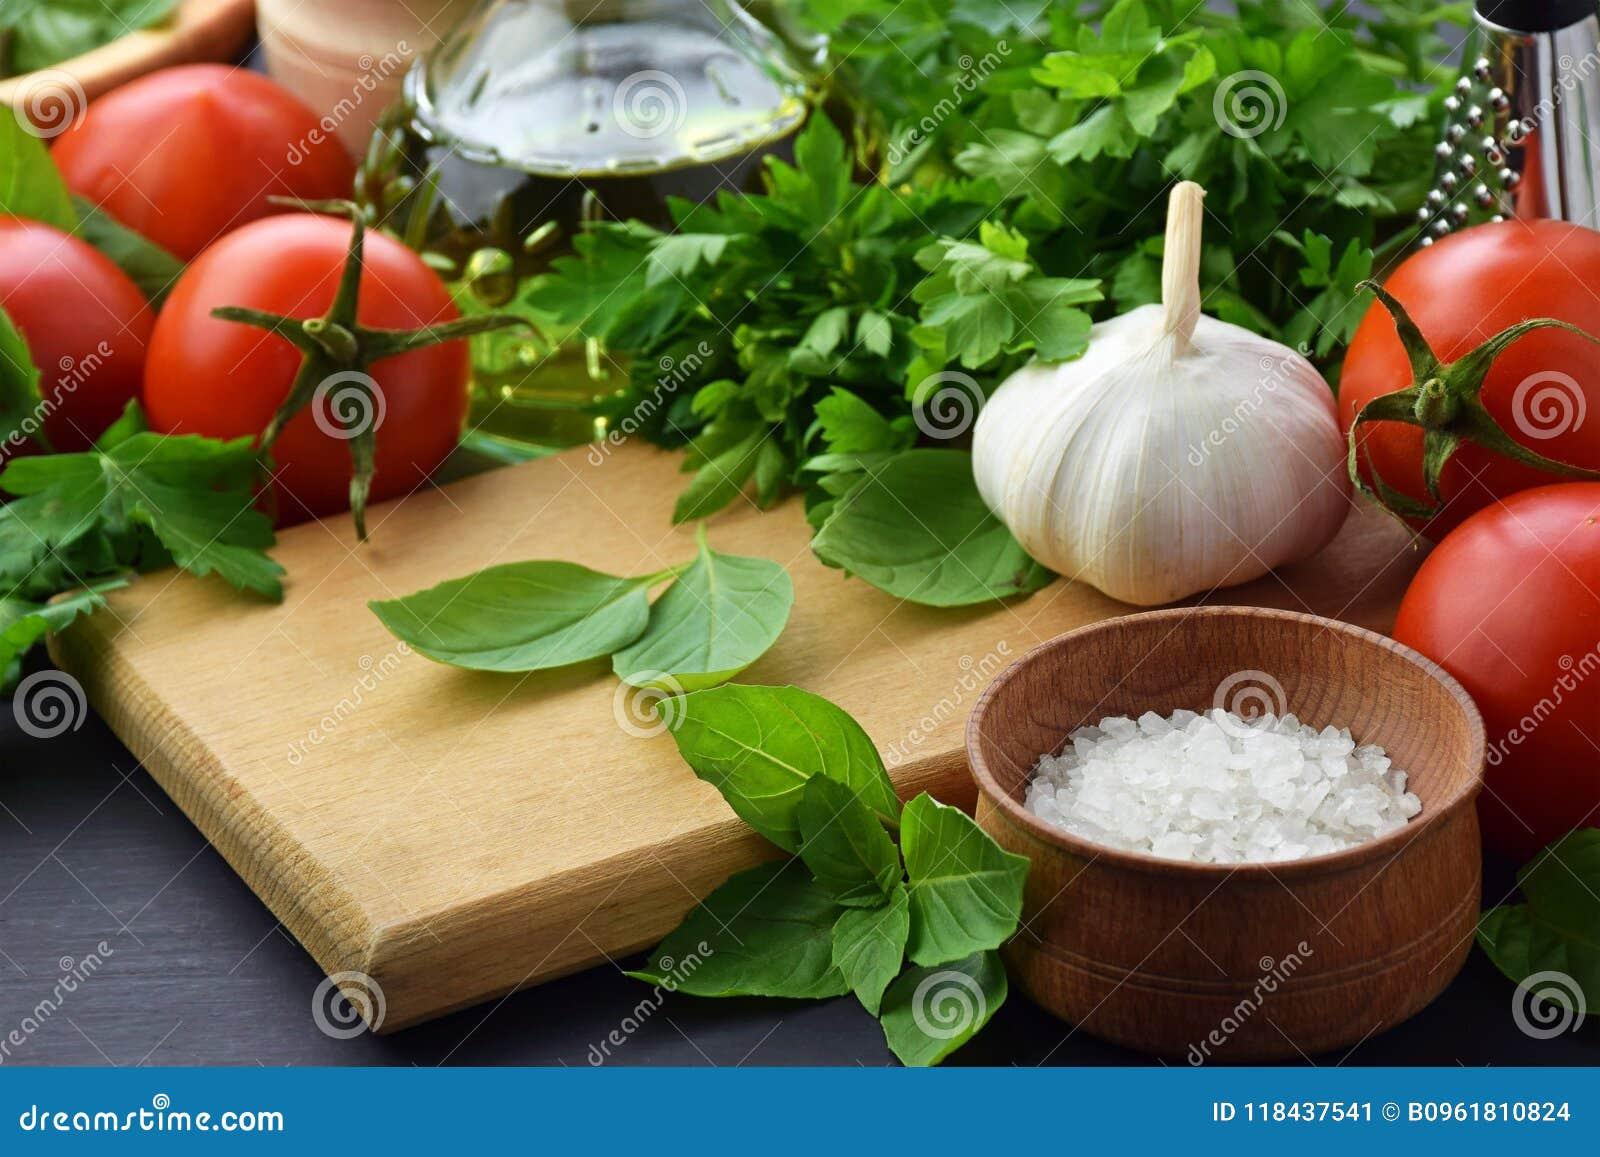 Ingredienti freschi differenti per la cottura della pasta italiana, spaghetti